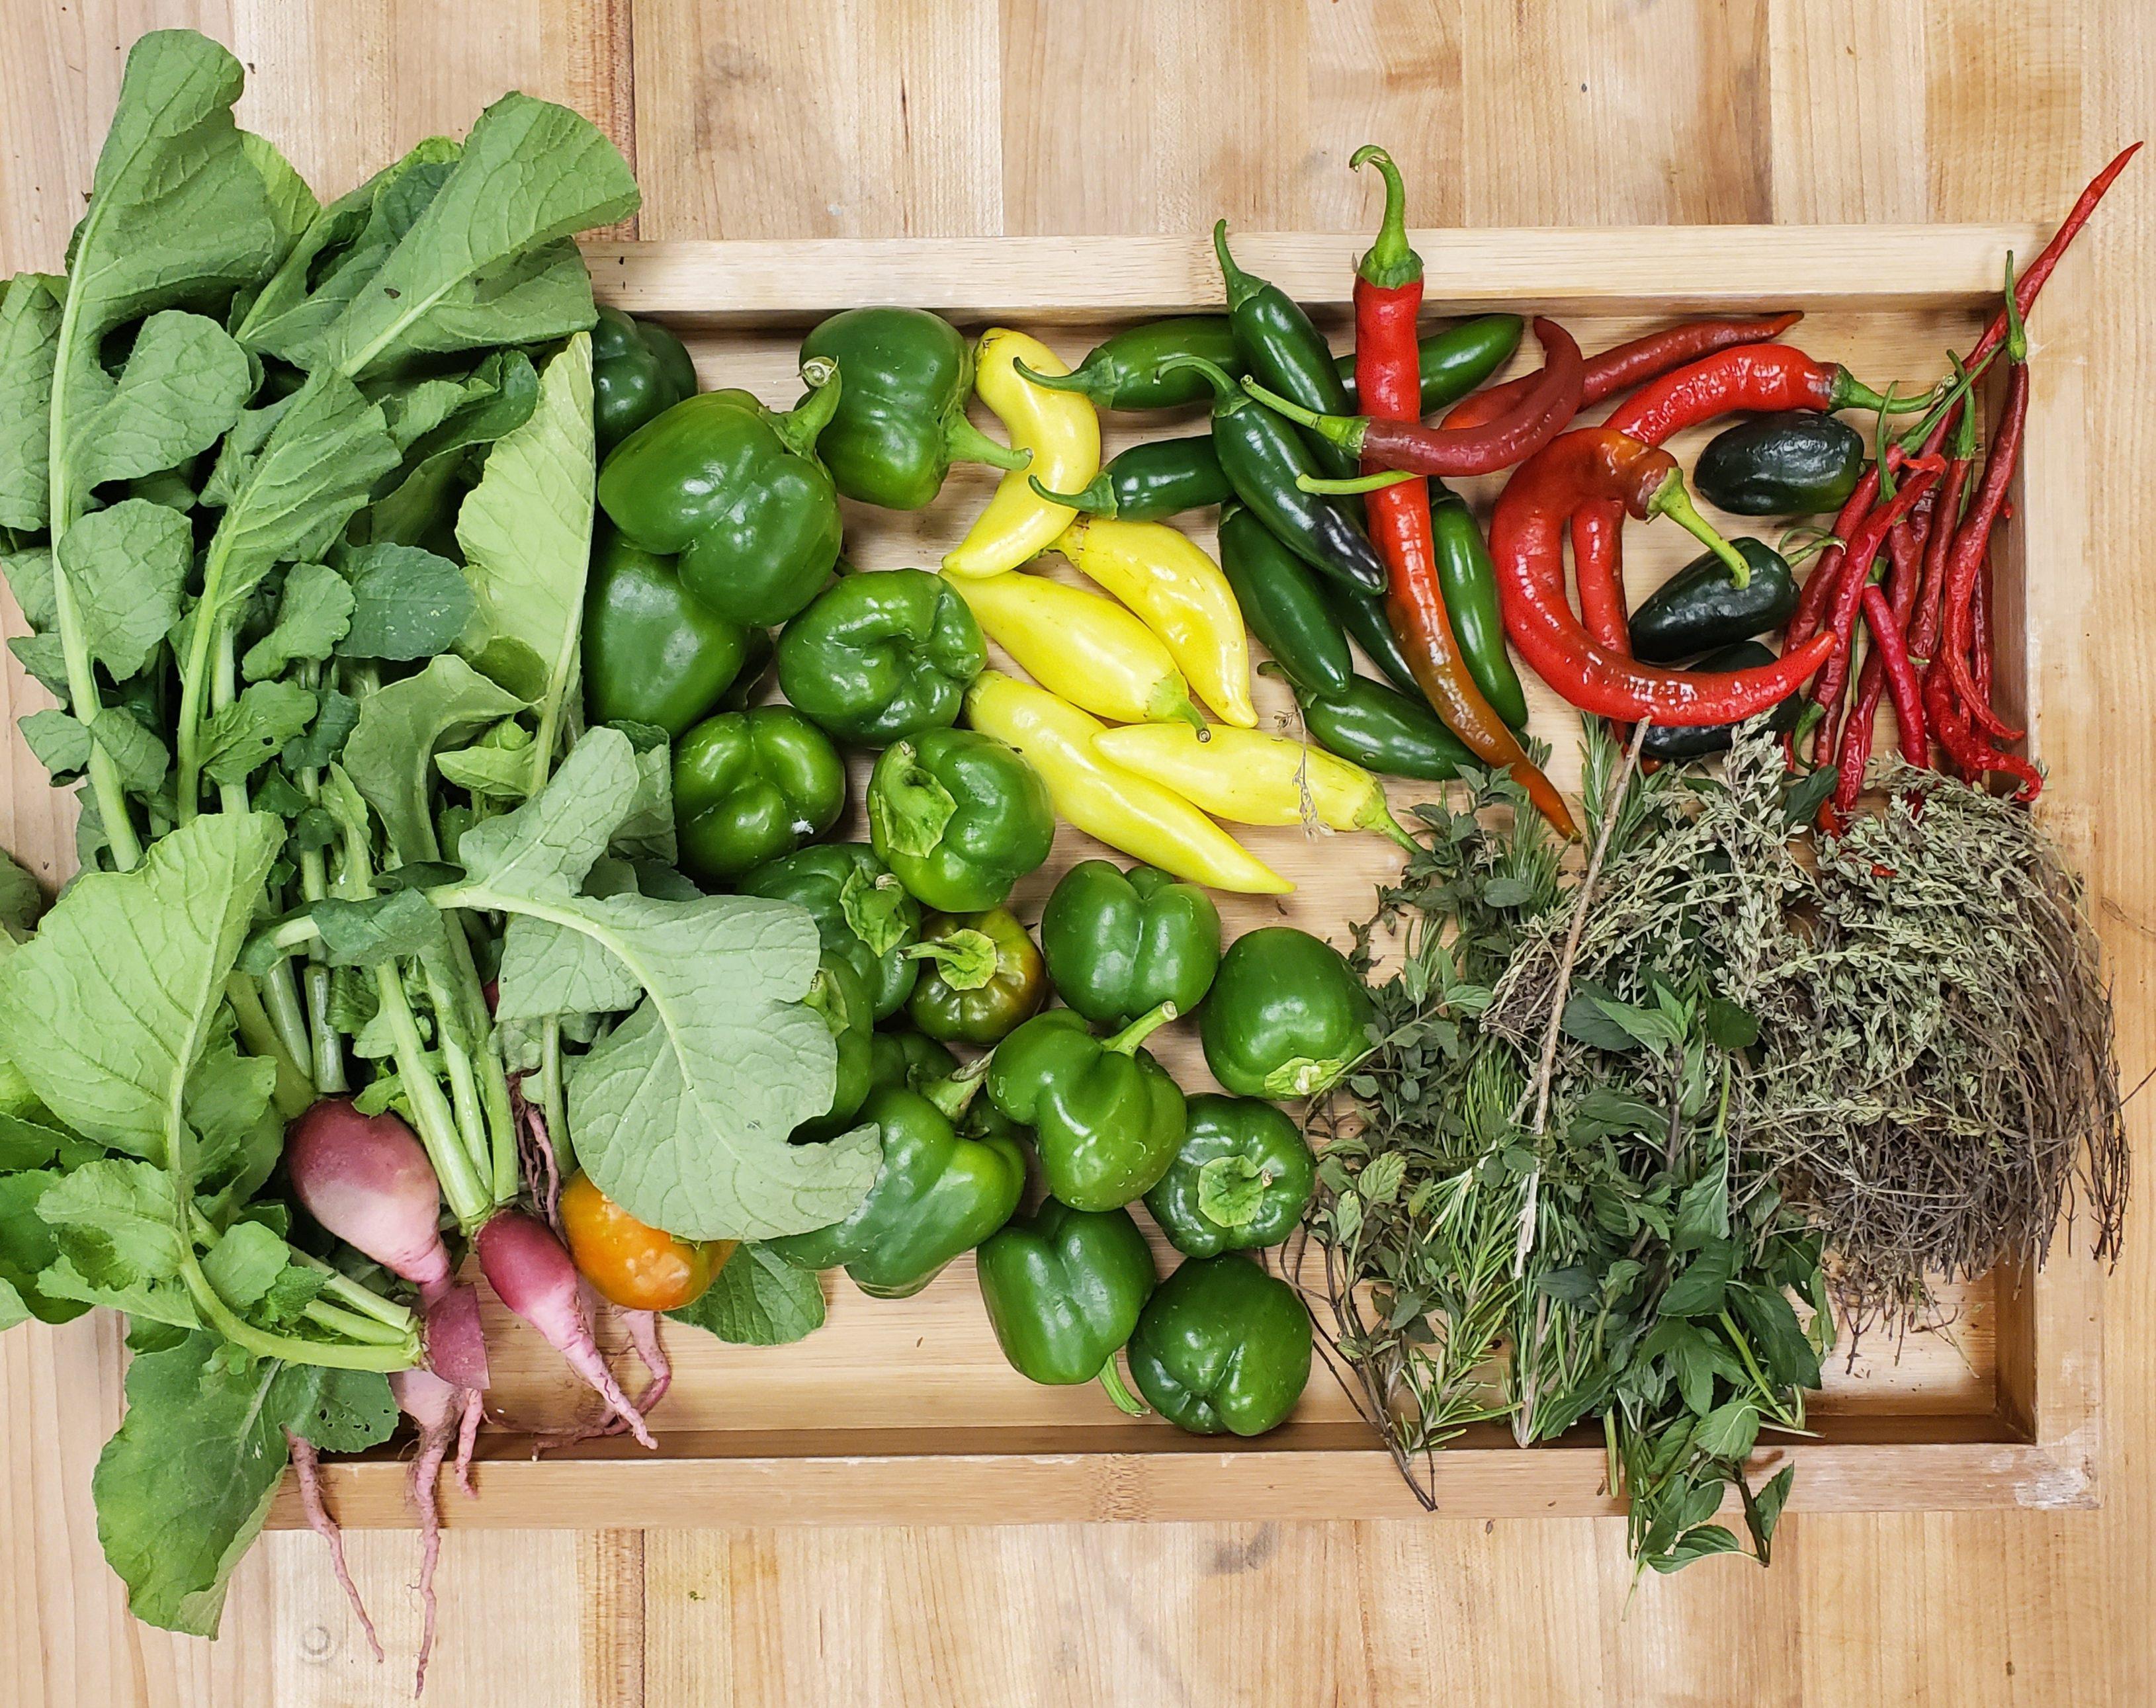 display of fresh vegetables